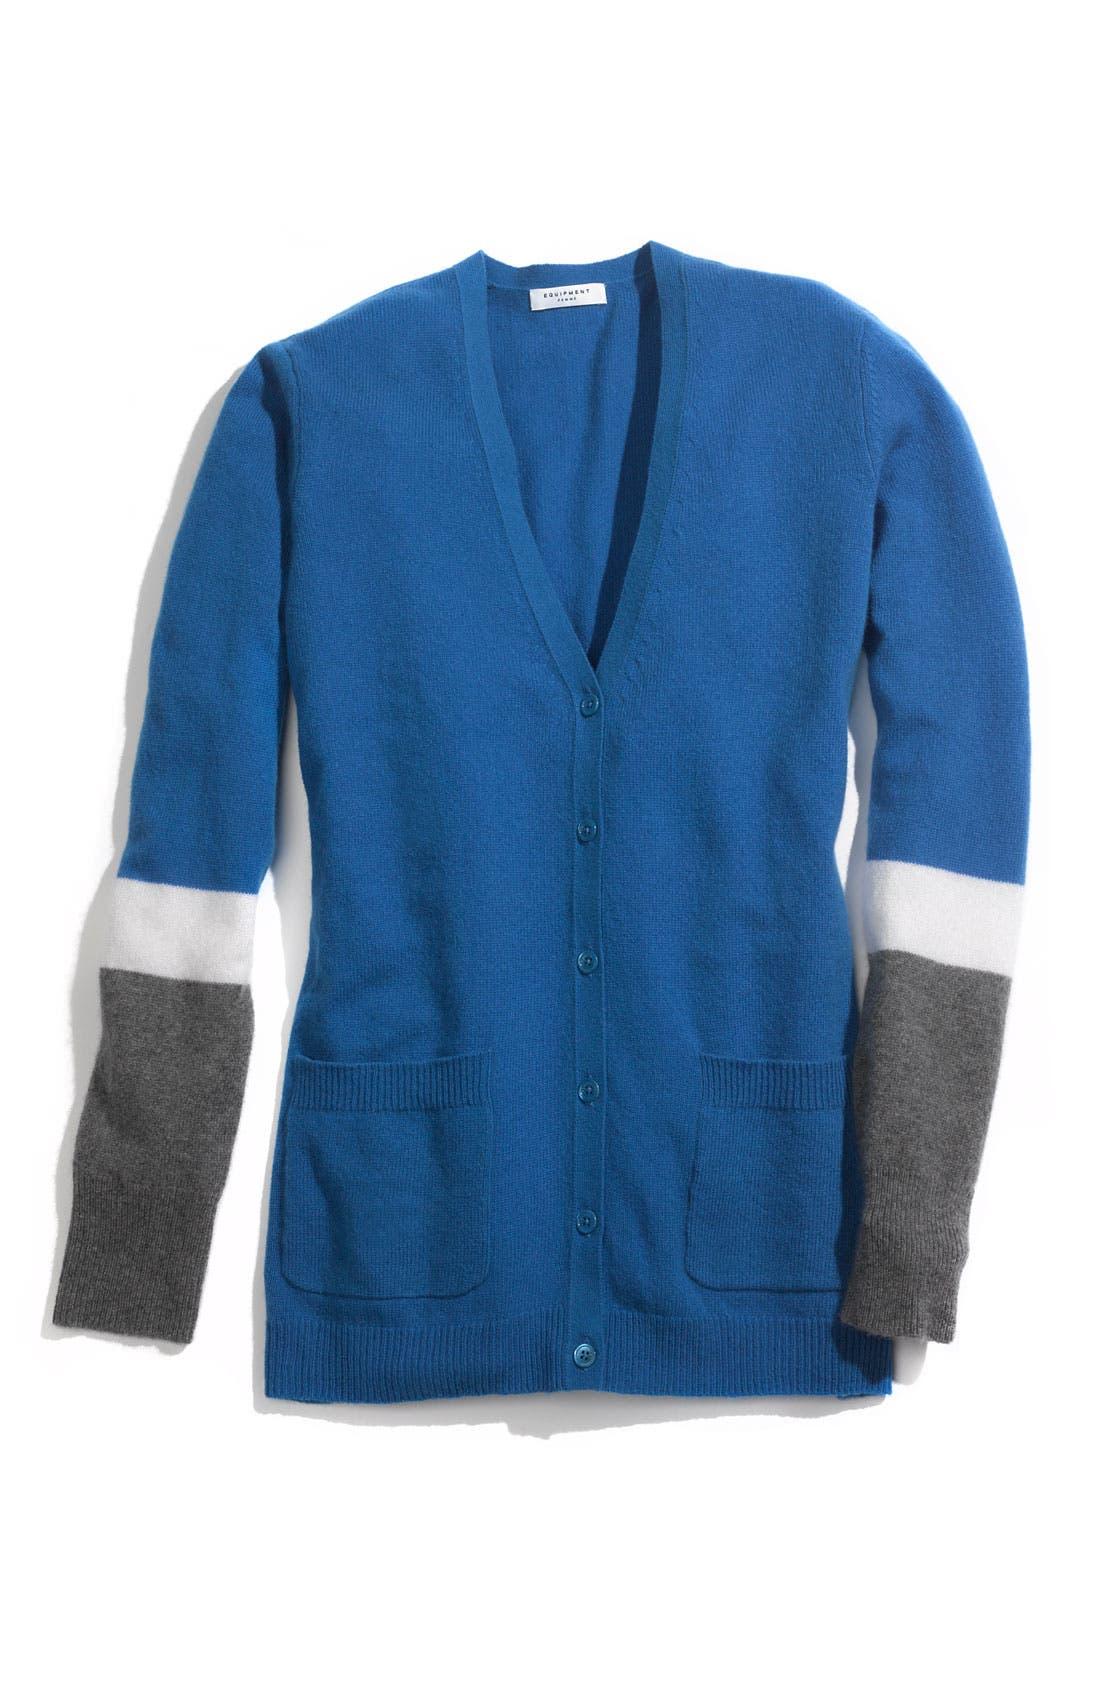 Alternate Image 2  - Equipment Colorblock Cardigan